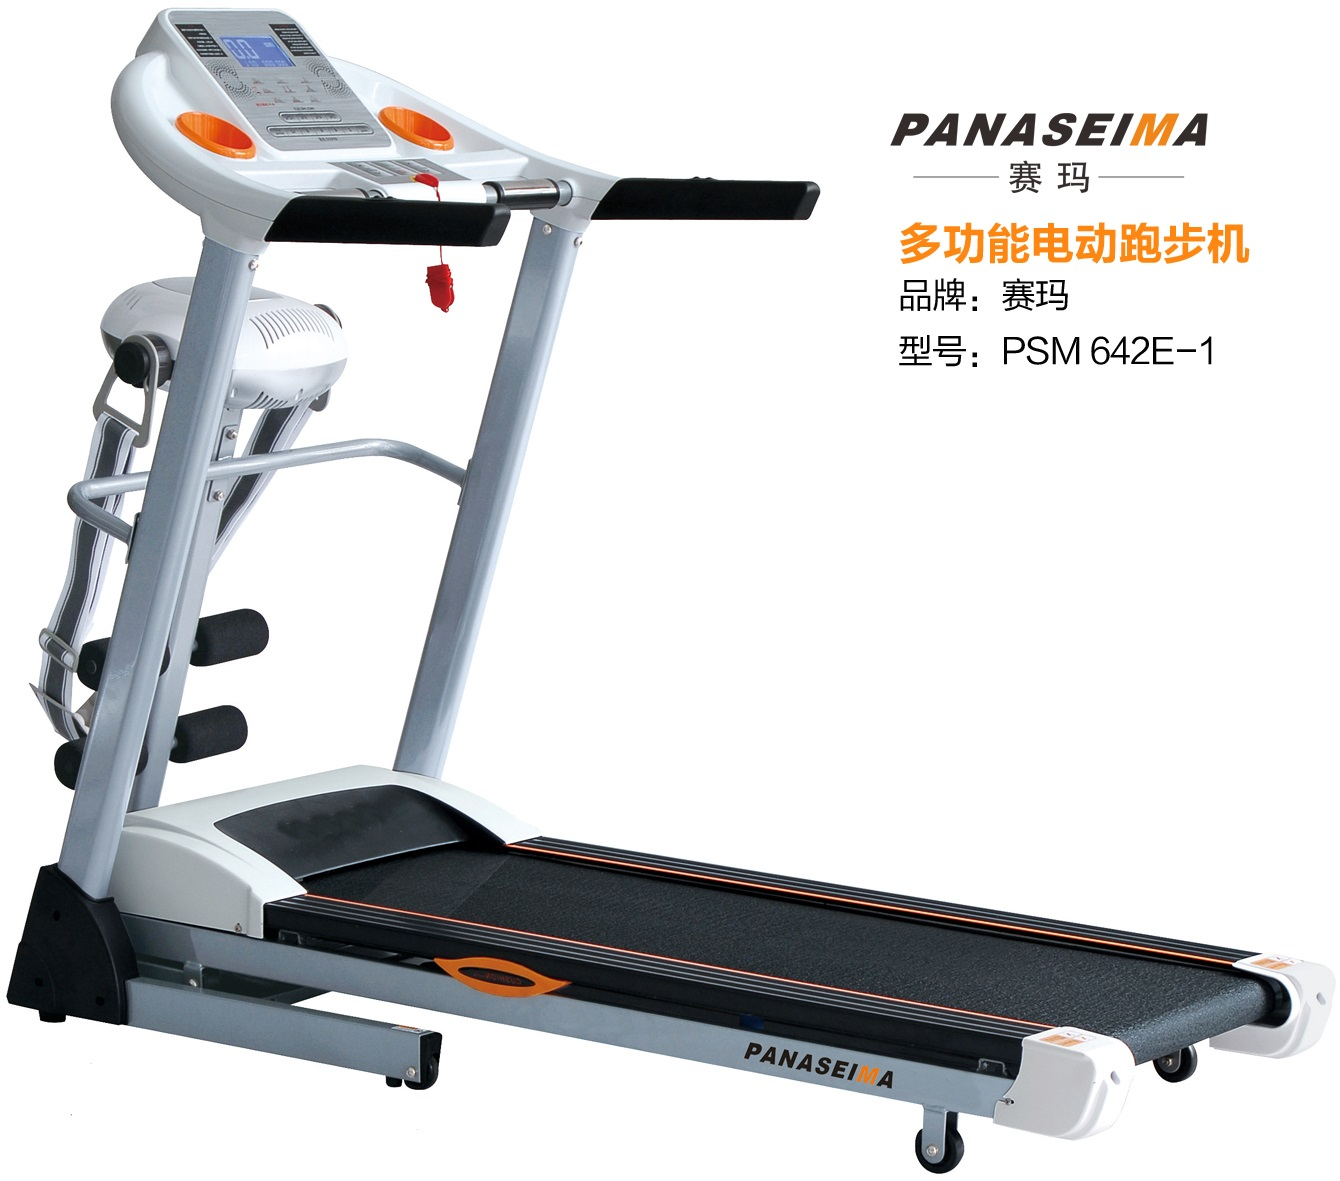 多功能跑步机系列|产品安装说明|赛玛按摩椅